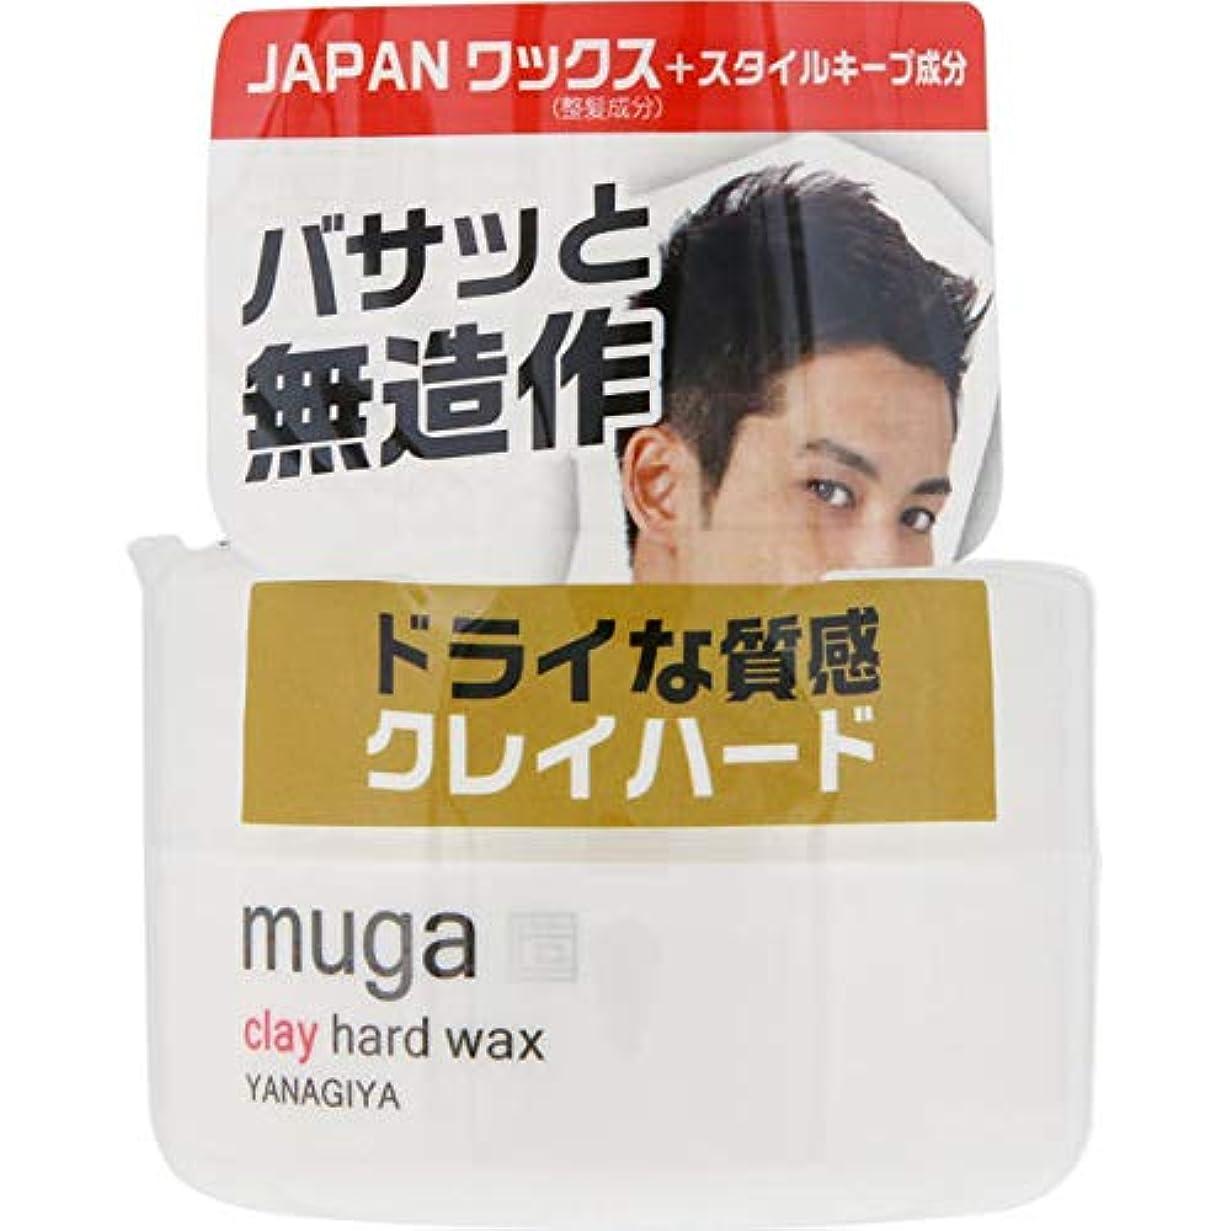 ダルセットにじみ出る強度MUGA クレイハードワックス 85g